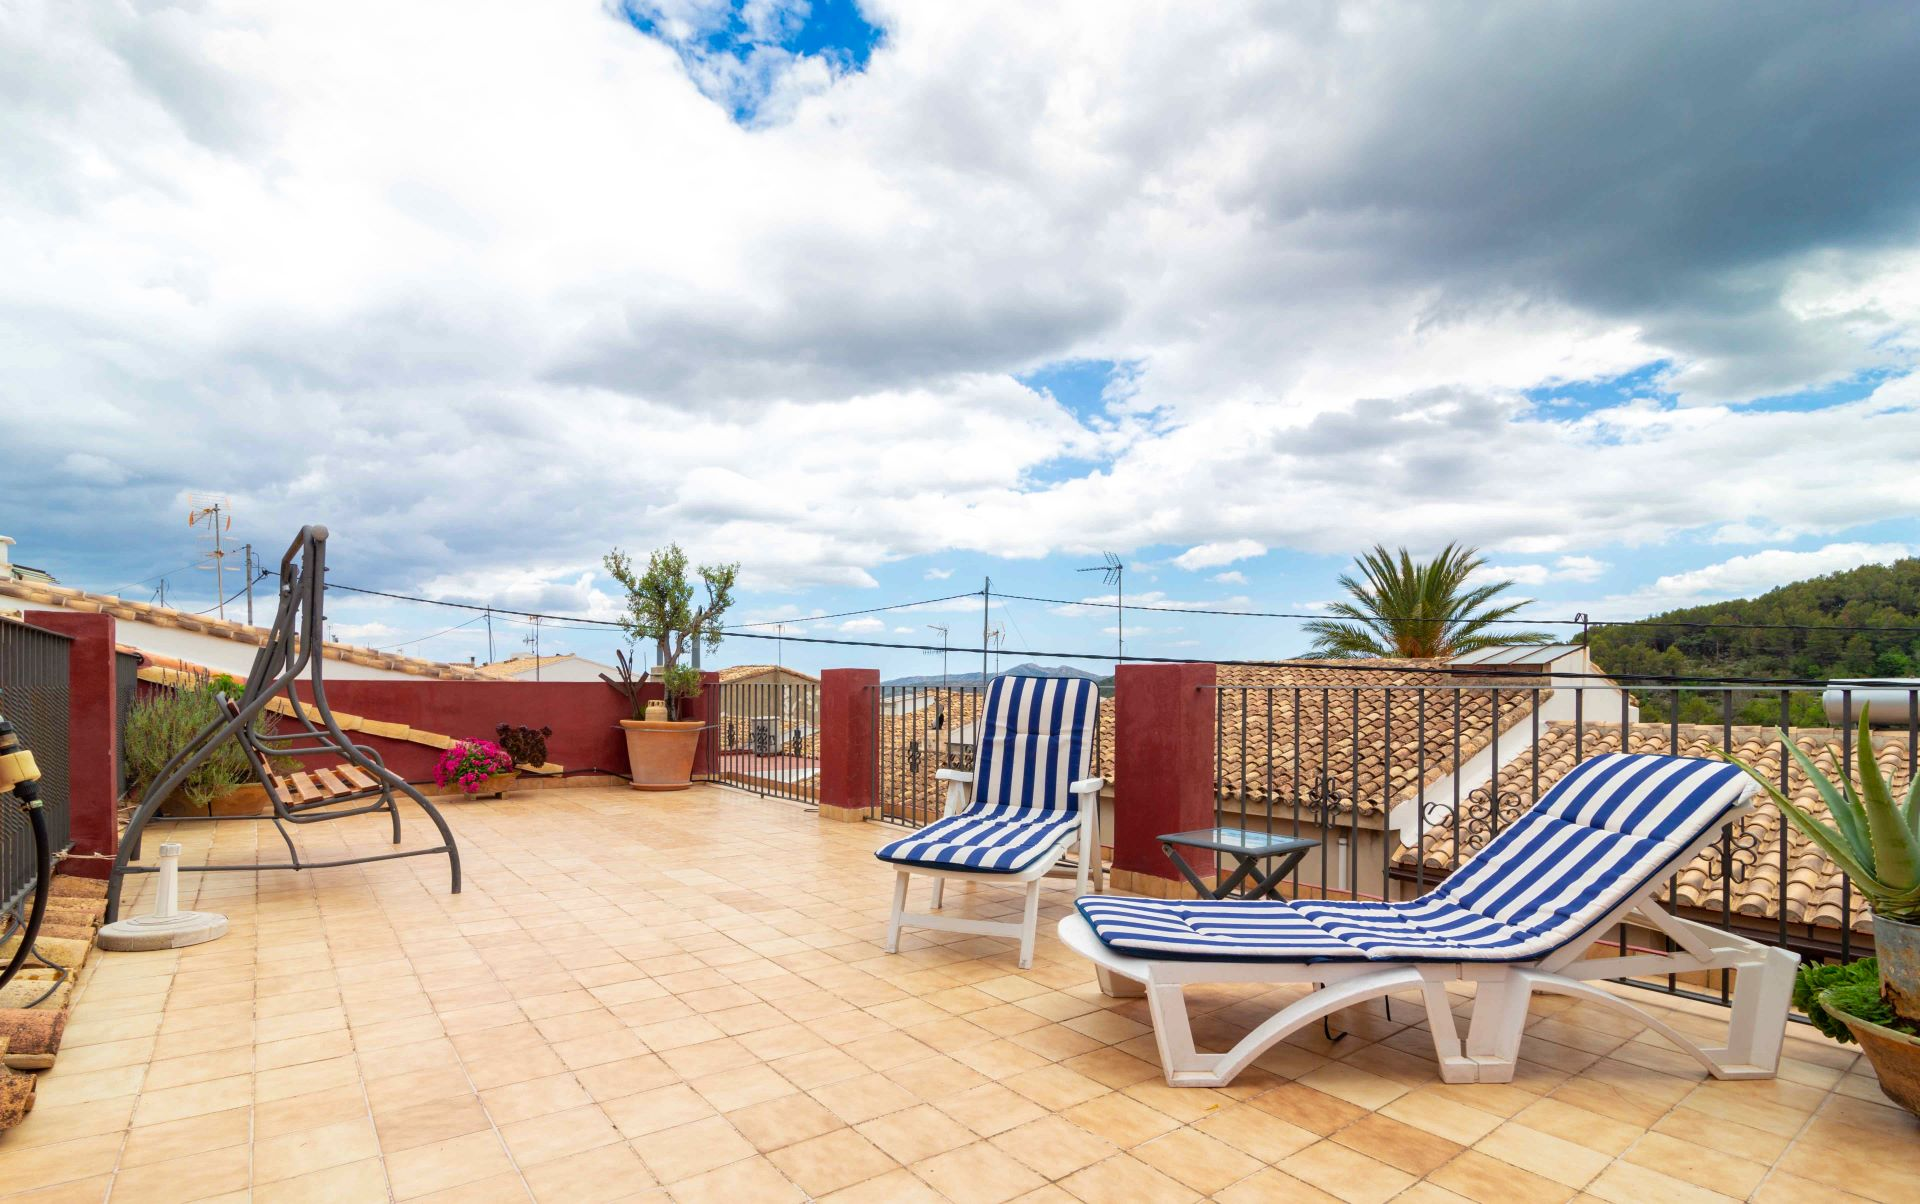 terraza solarium1entorno laguar - Copia